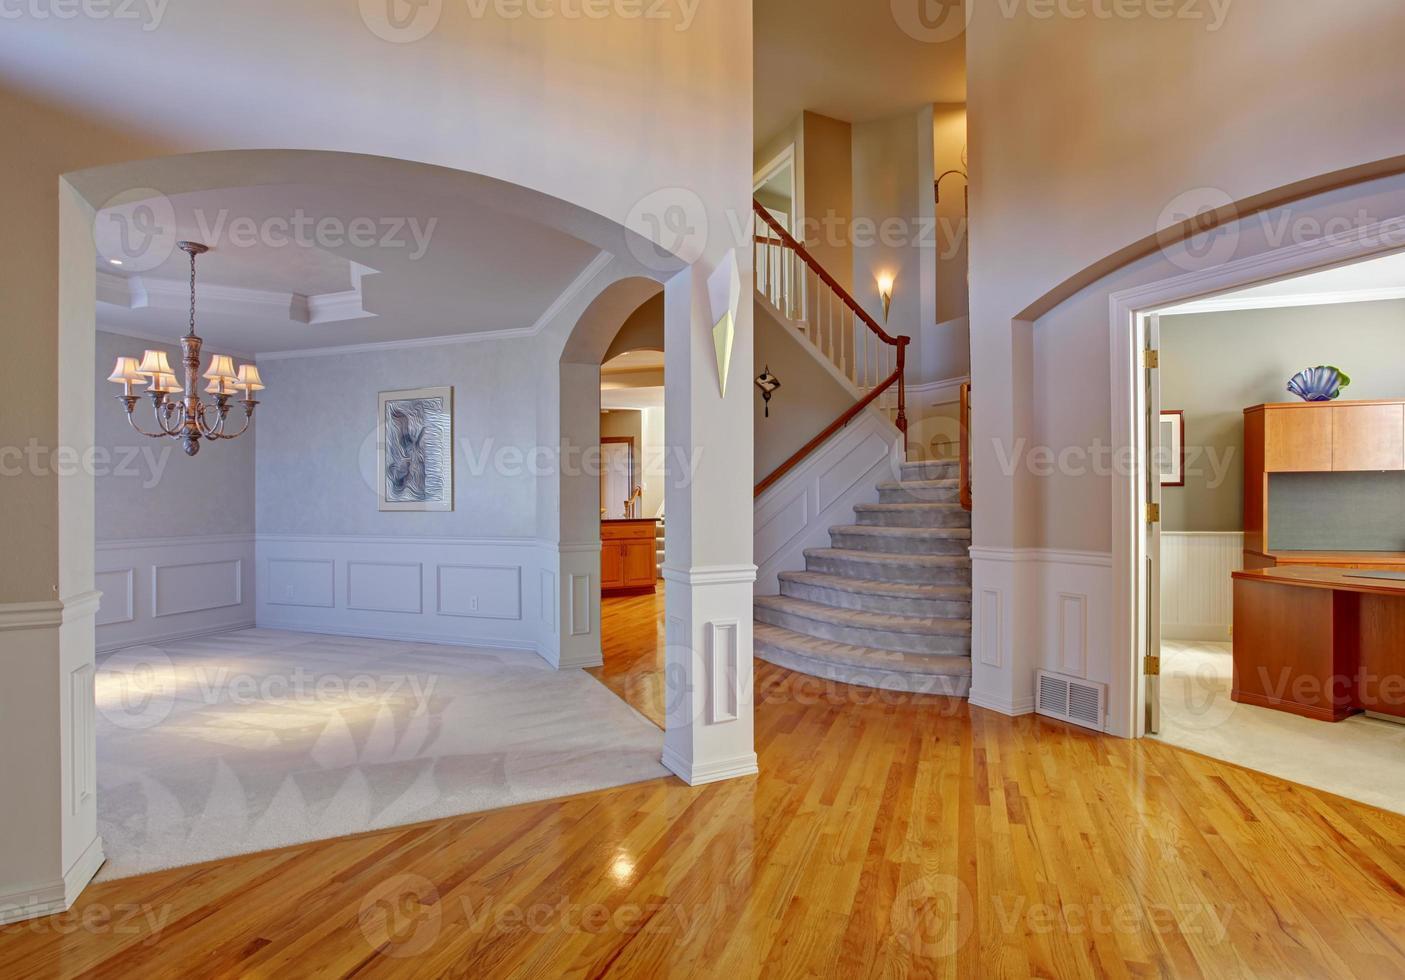 interior de casa de lujo con arcos y techo alto foto